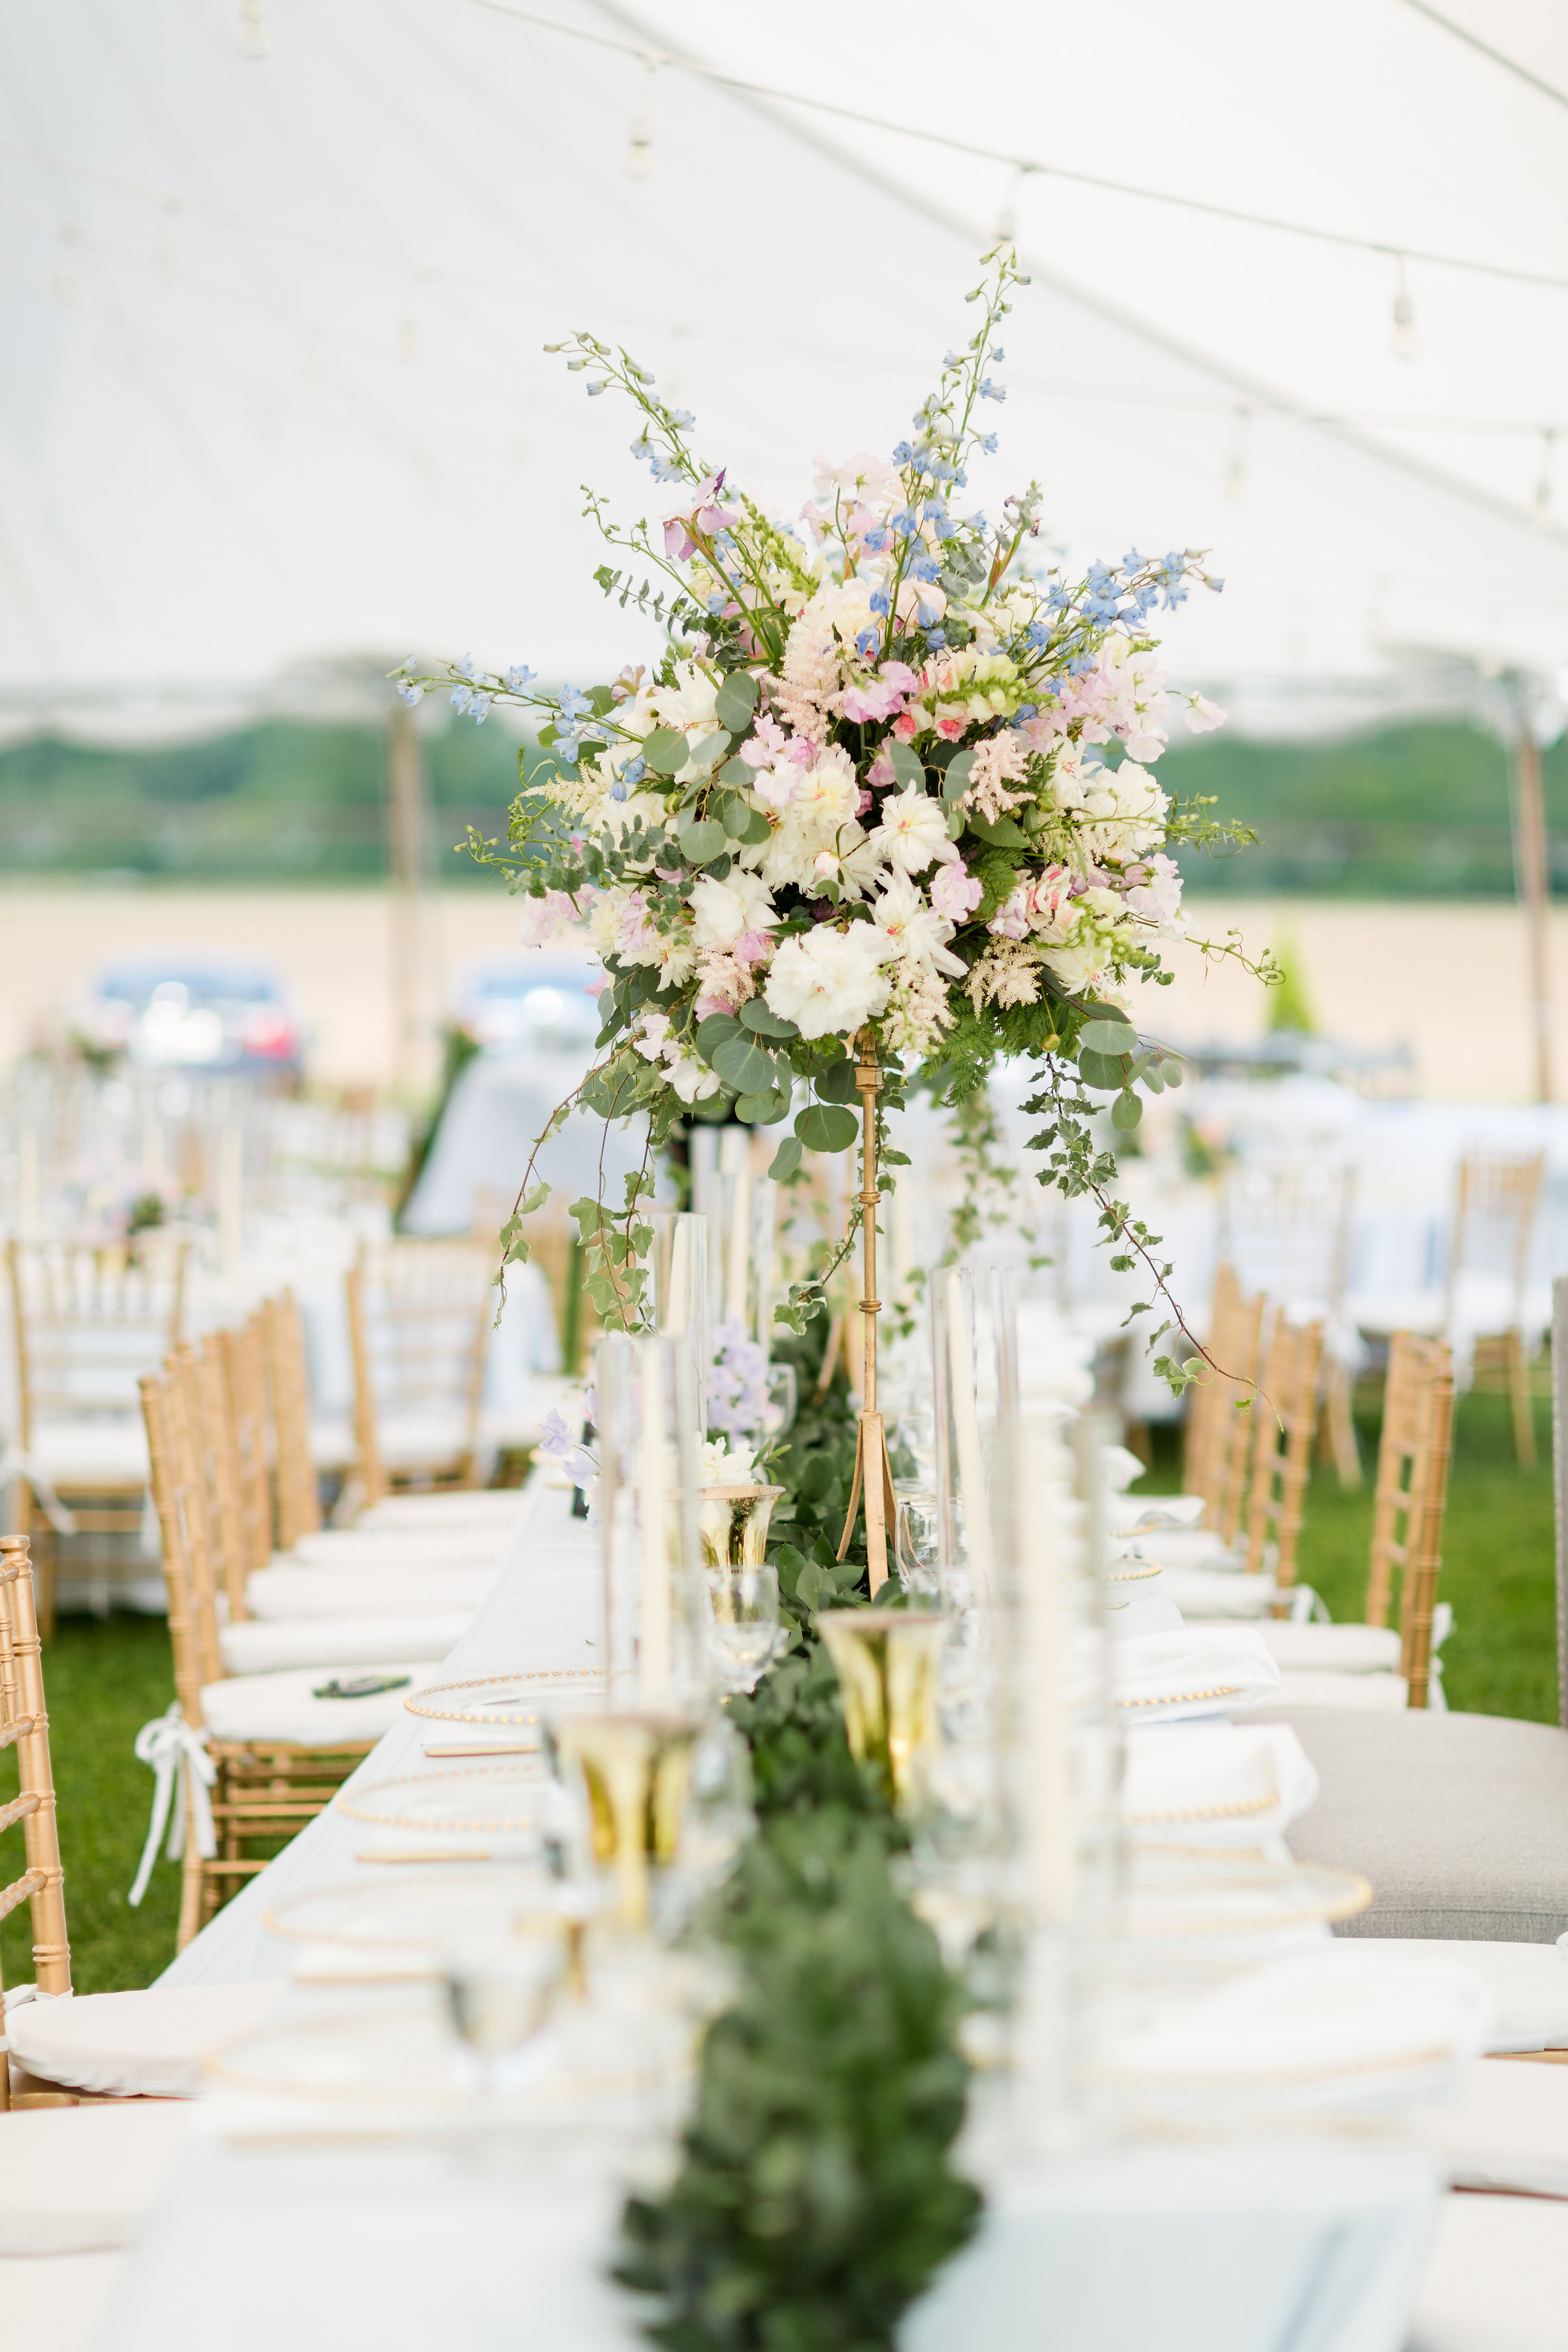 NJ Wedding, Backyard Wedding, Garden inspired, whimsical, peony